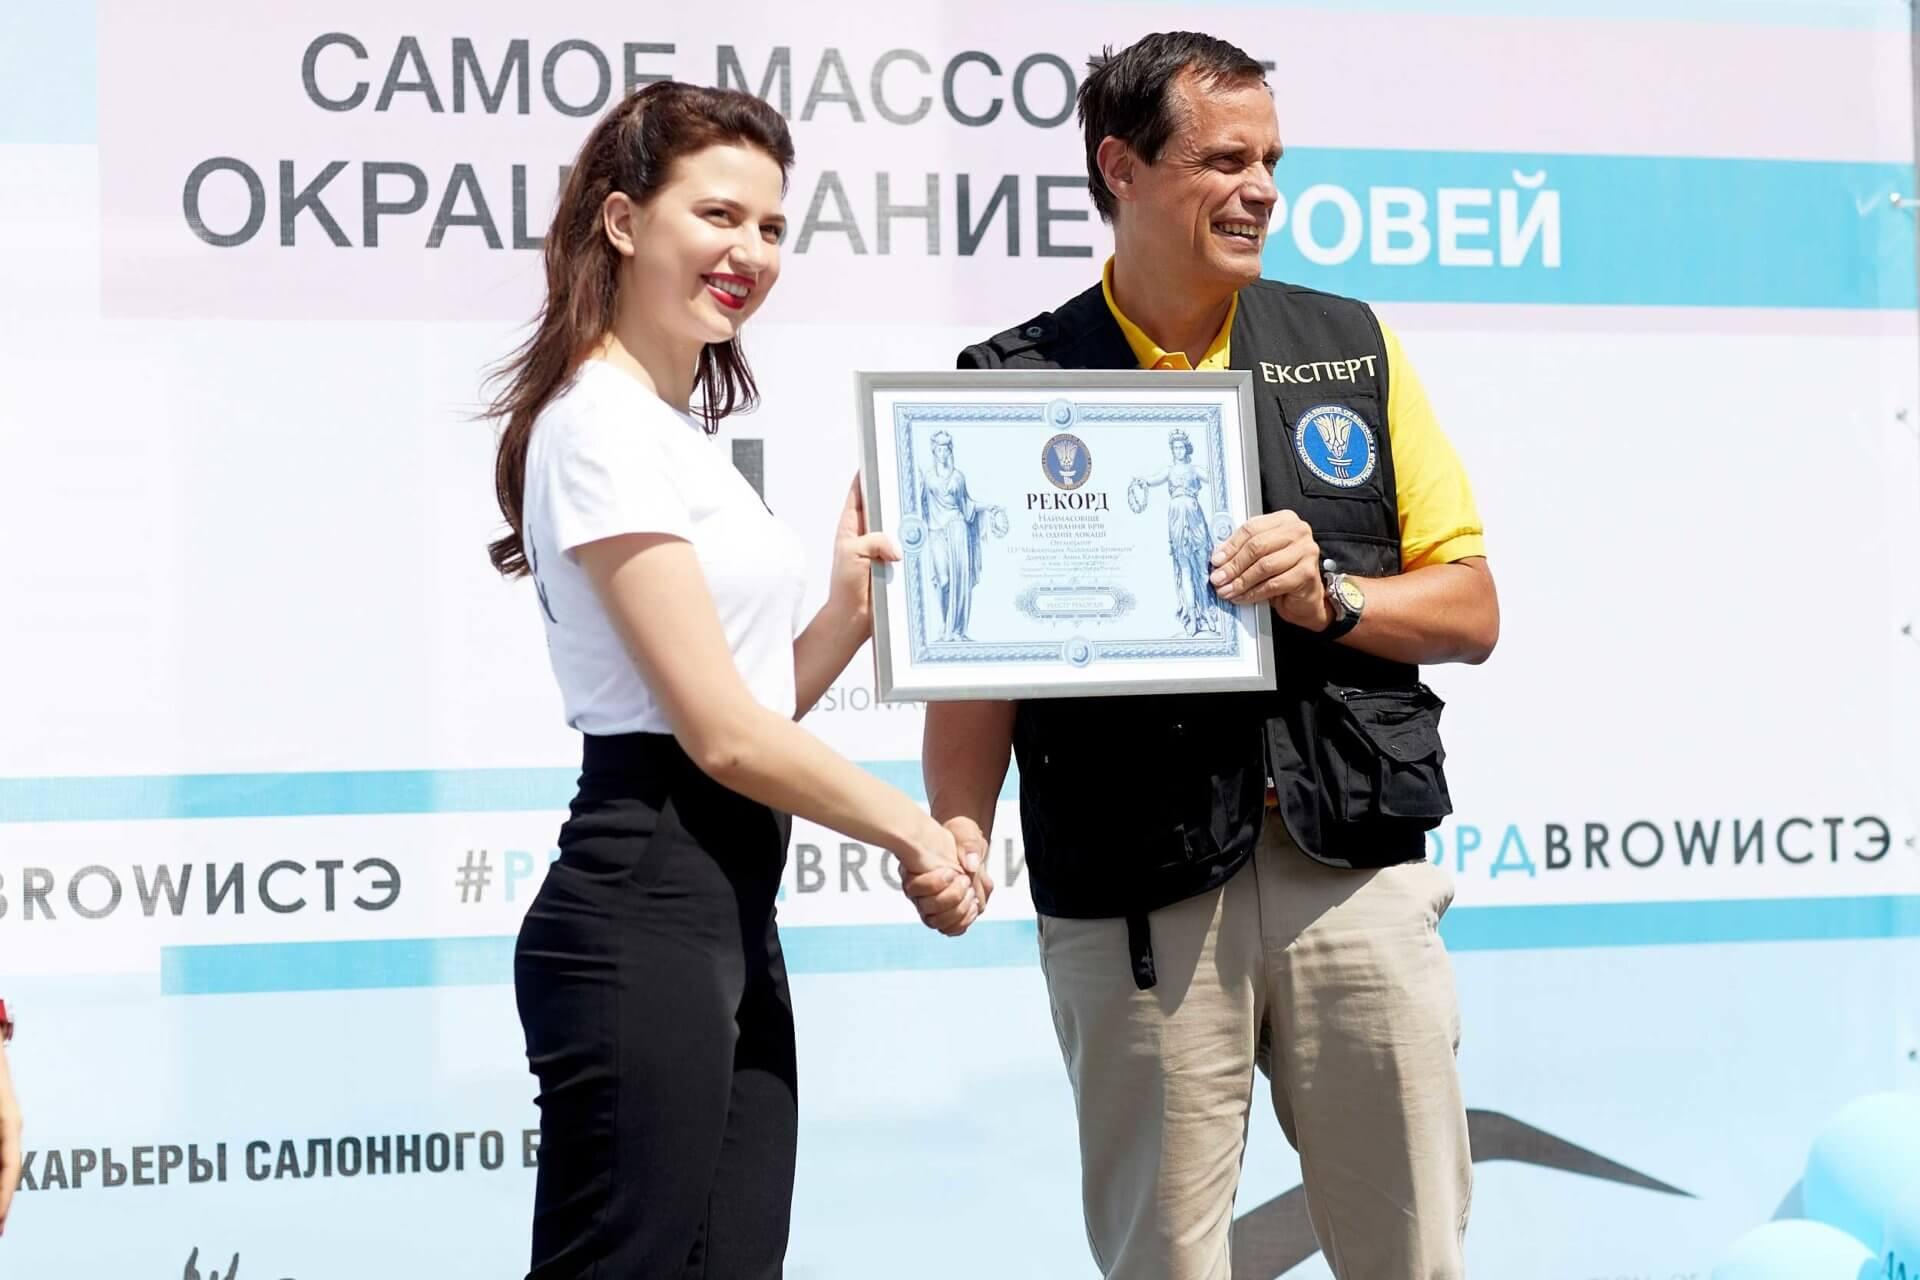 Рекорд Украины по самому массовому окрашиванию бровей